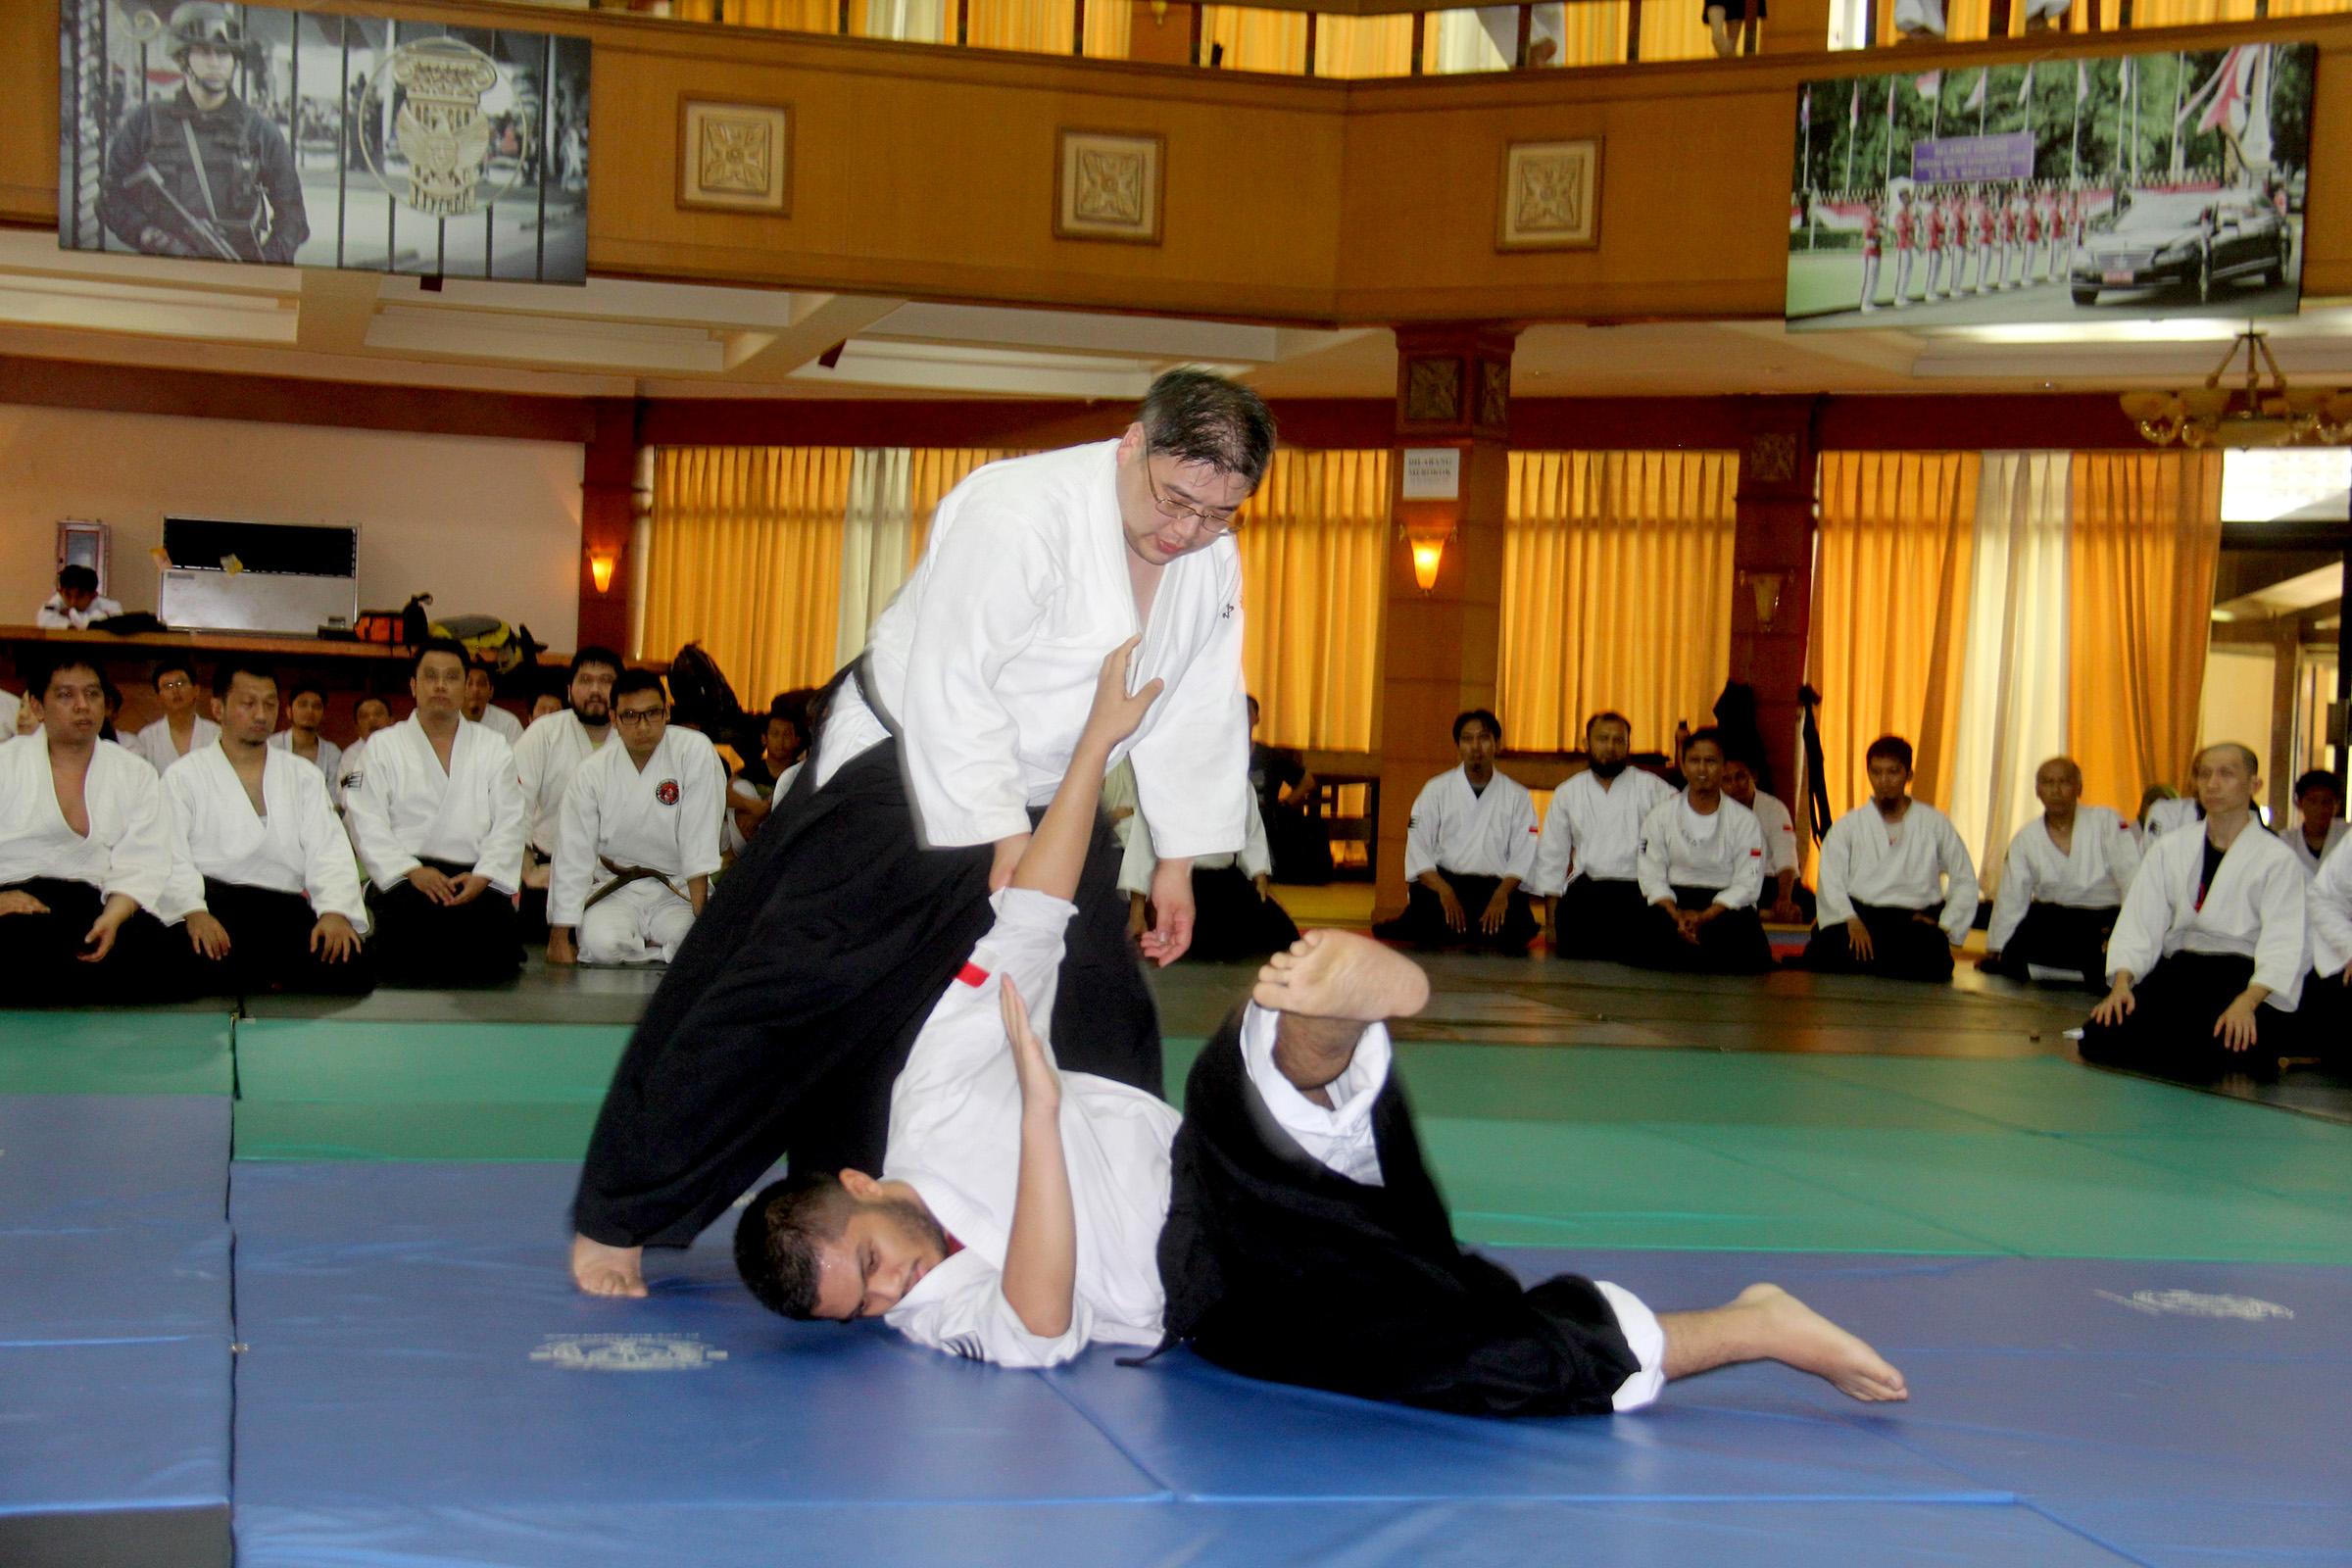 Shihan Koyanagi Memberikan contoh gerakan